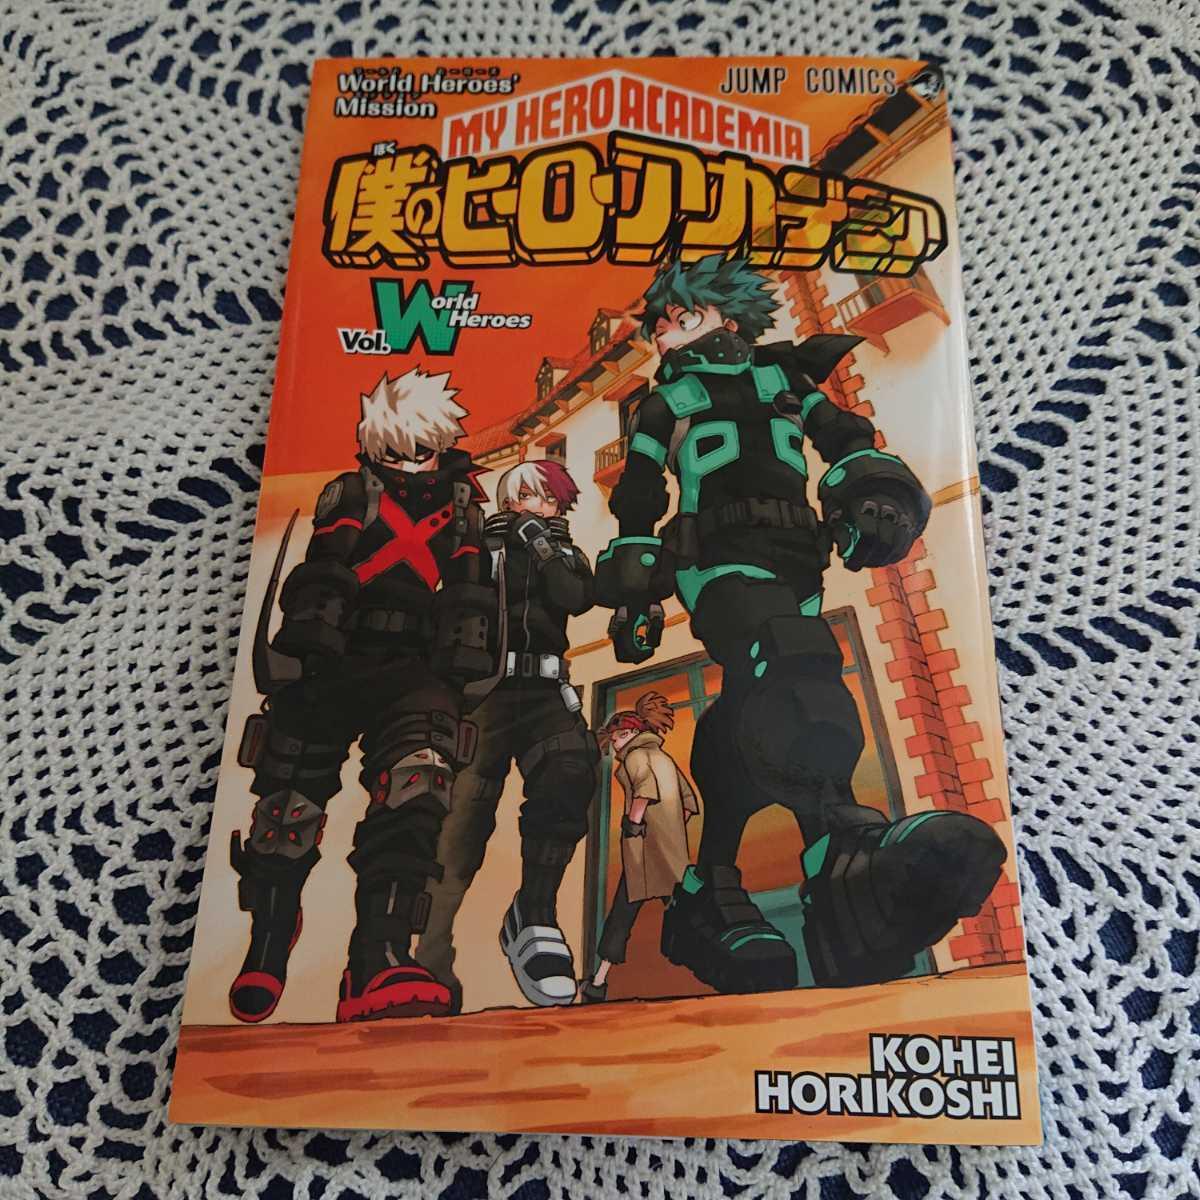 僕のヒーローアカデミア ワールドヒーローズミッション 入場者特典 冊子 ヒロアカ映画